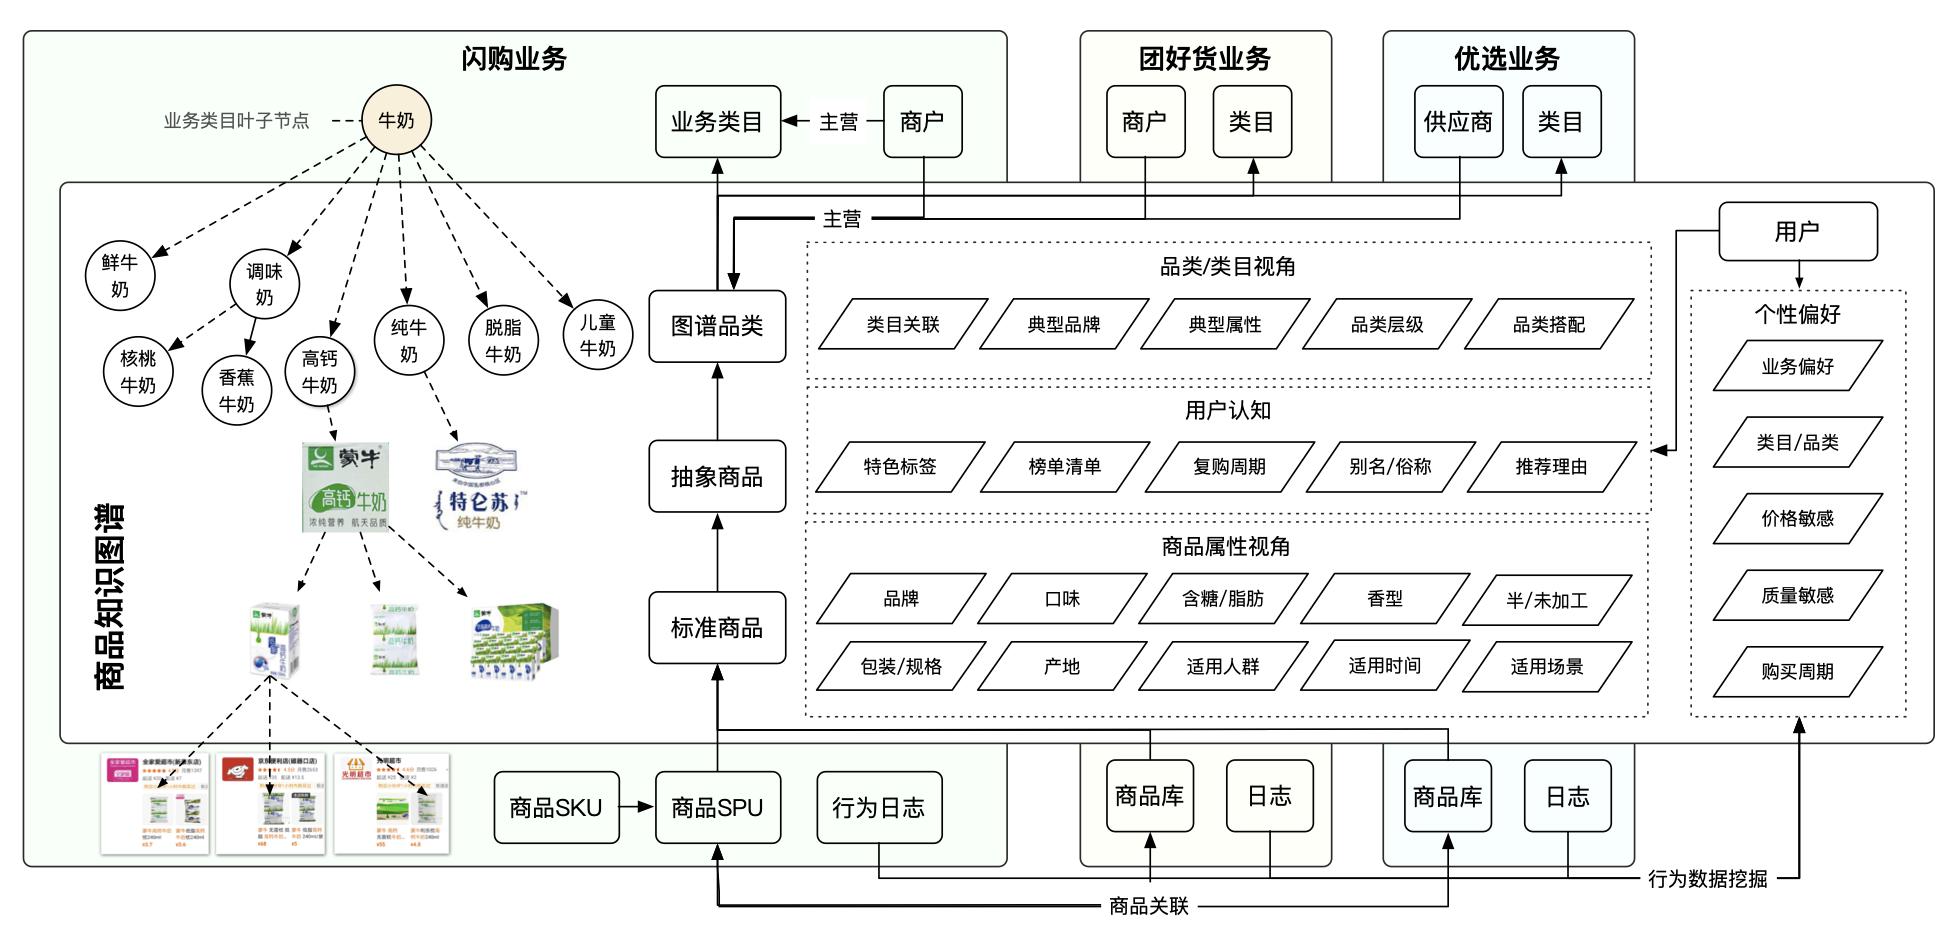 图4 商品知识图谱体系